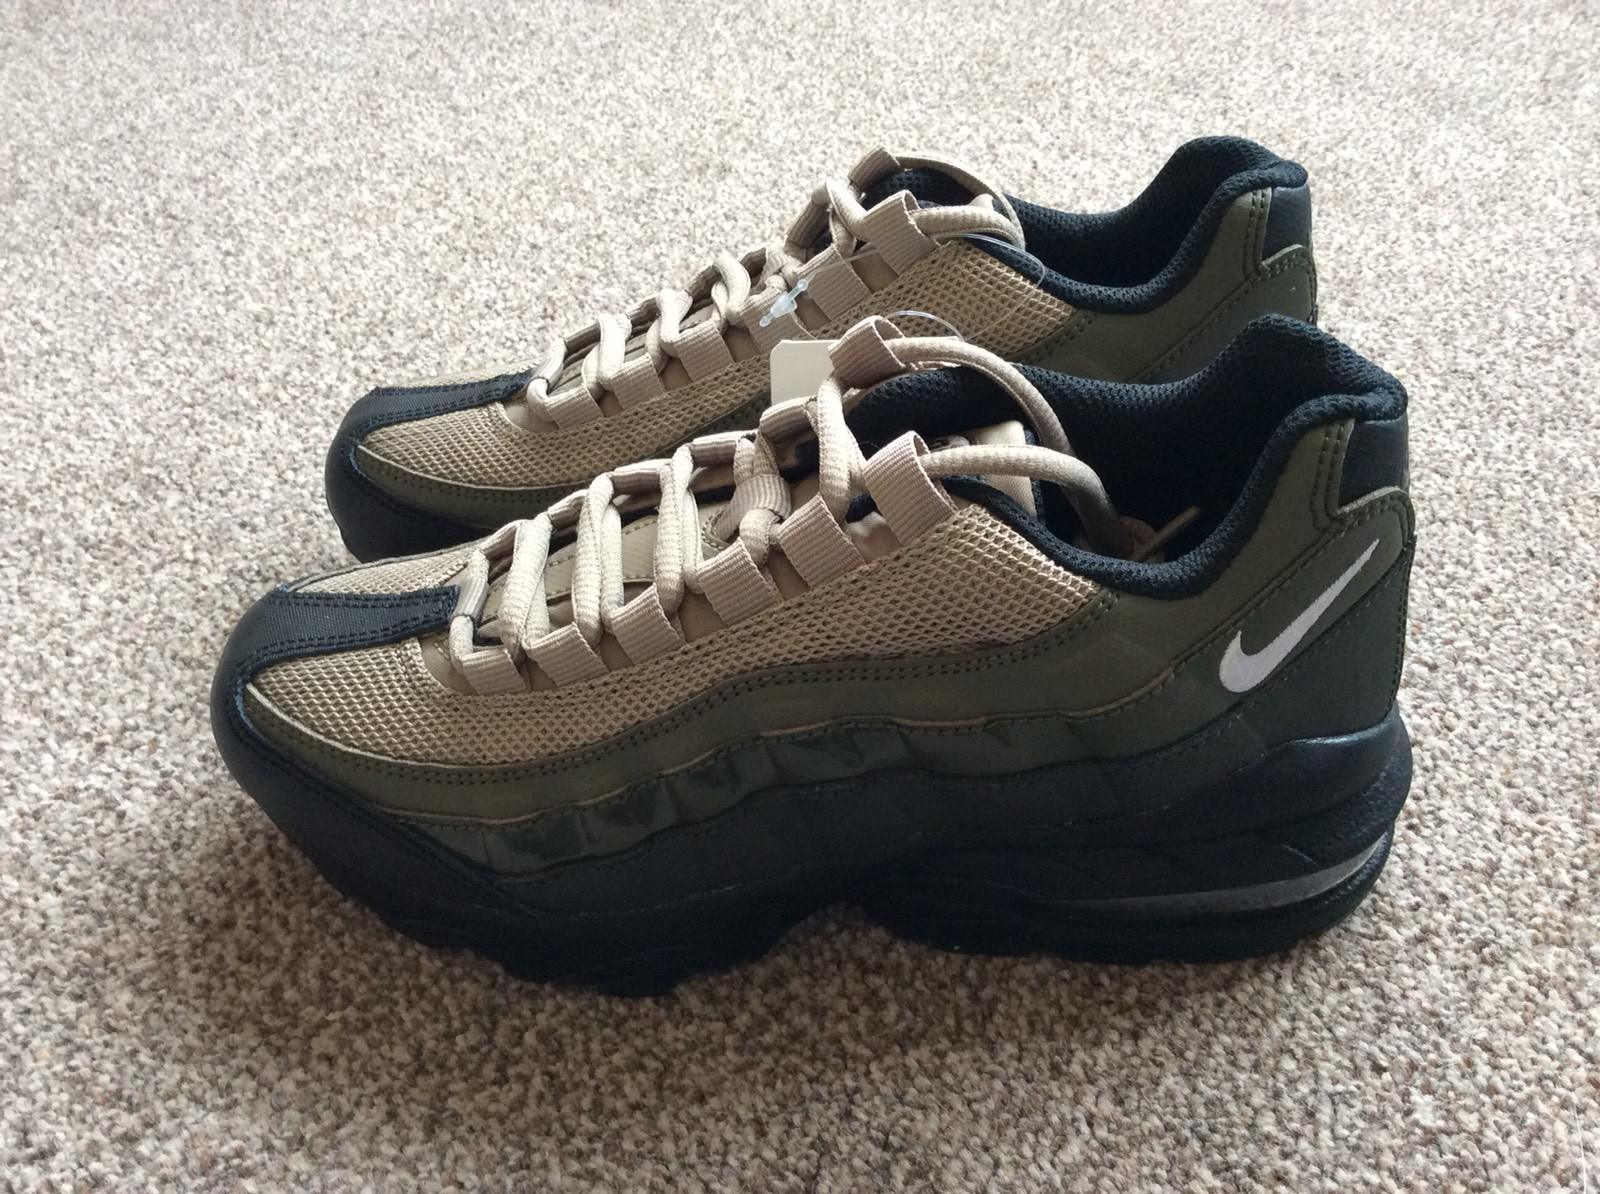 Nike Air Max 95 GS Khaki Noir Sequoia Uk